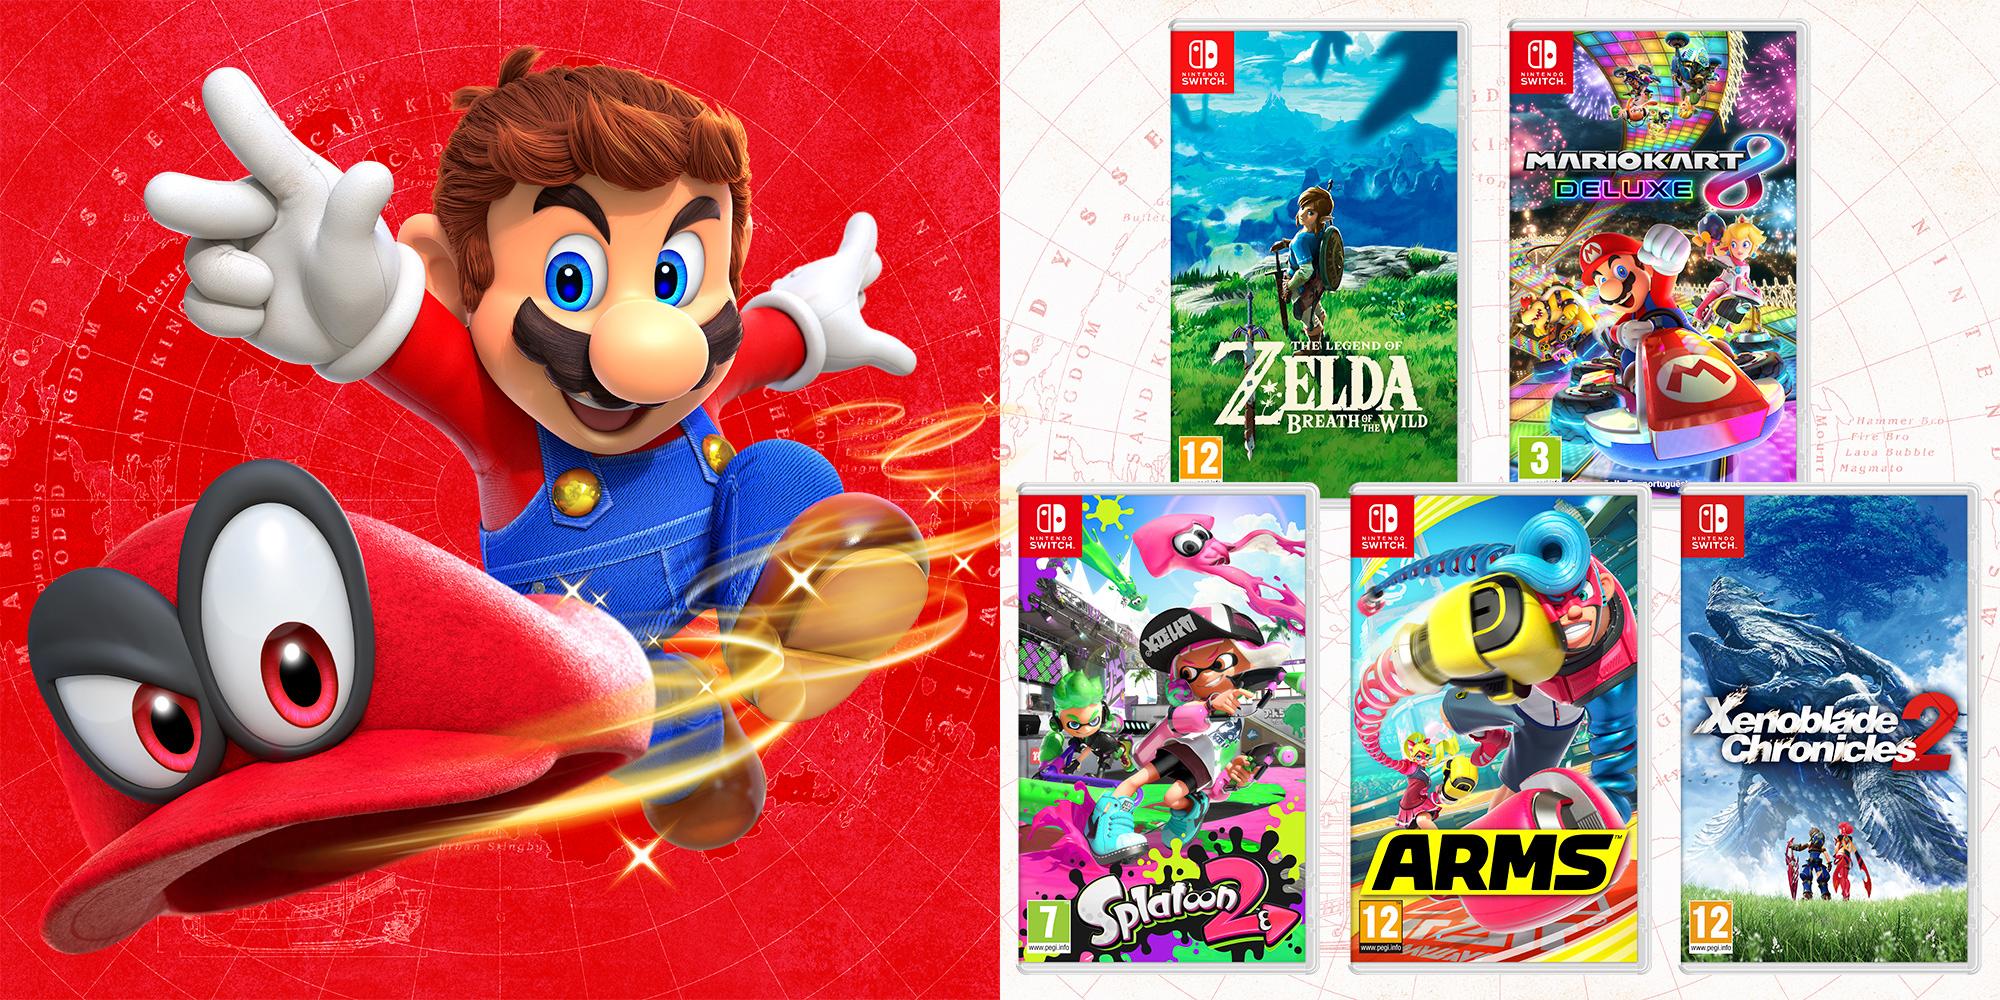 Gana Juegos Para Nintendo Switch Con 3djuegos Y Miodiseamario